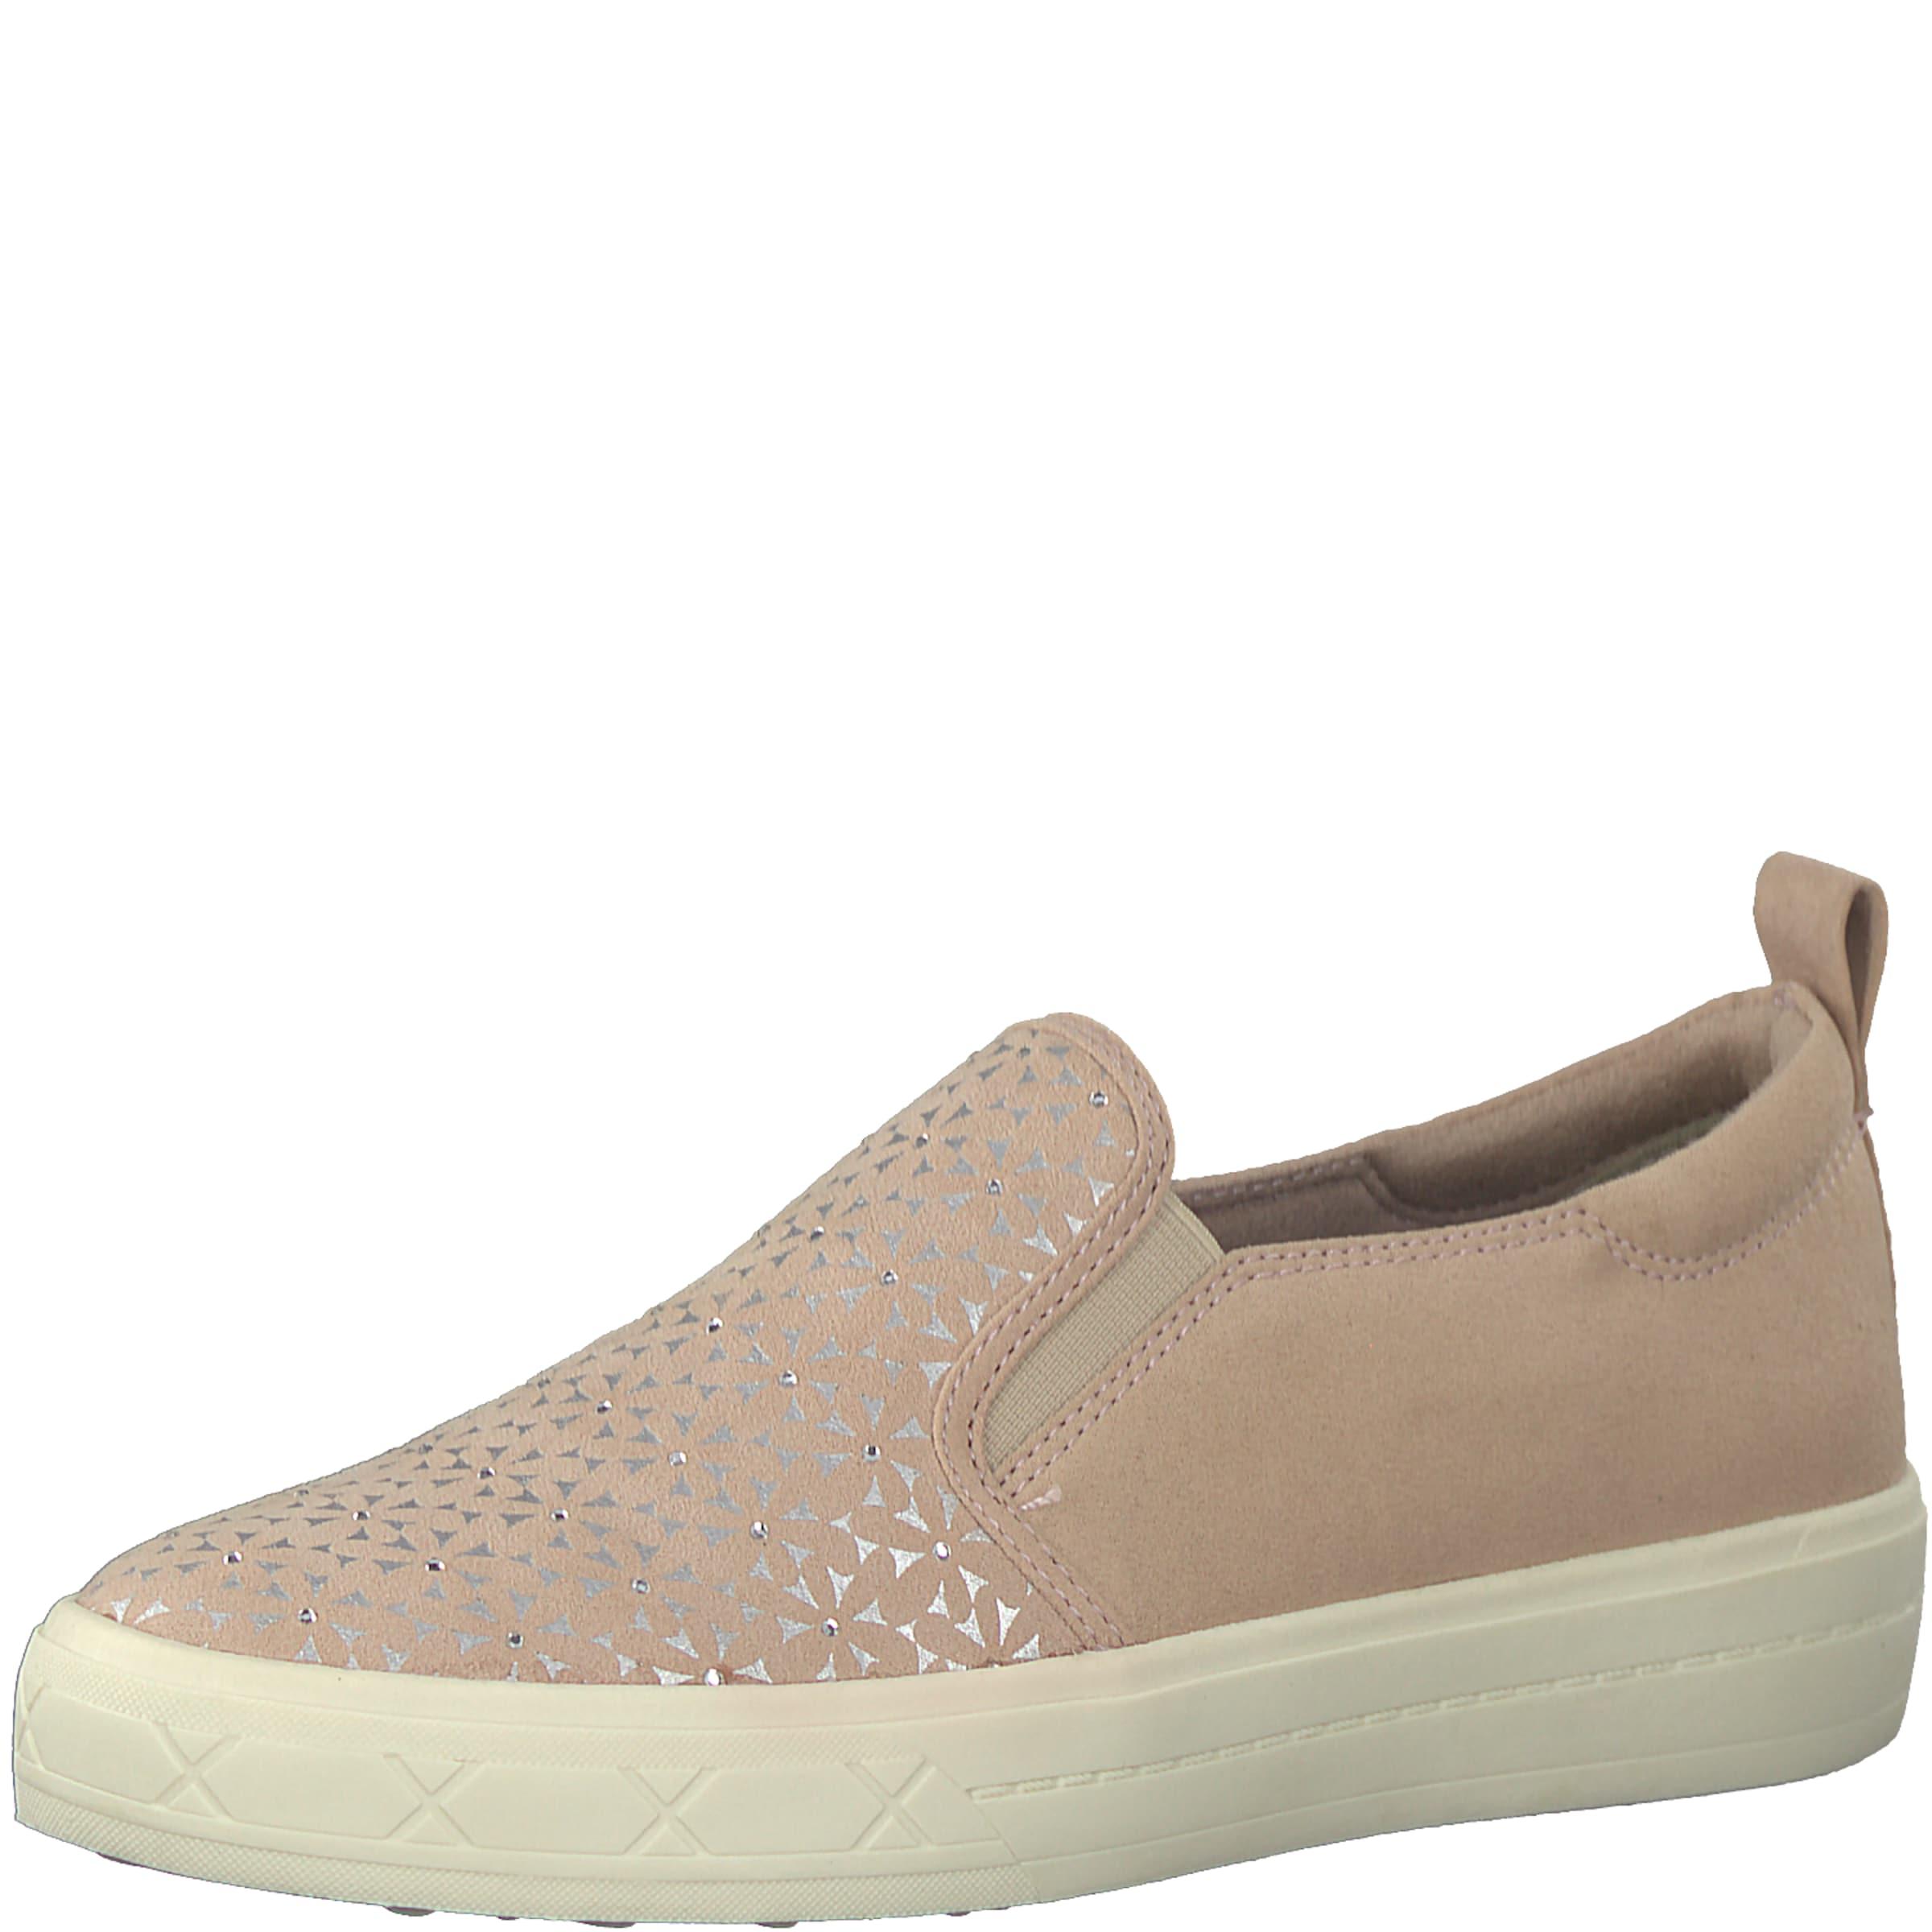 TAMARIS Slip-On-Sneaker Verschleißfeste billige Schuhe Hohe Qualität